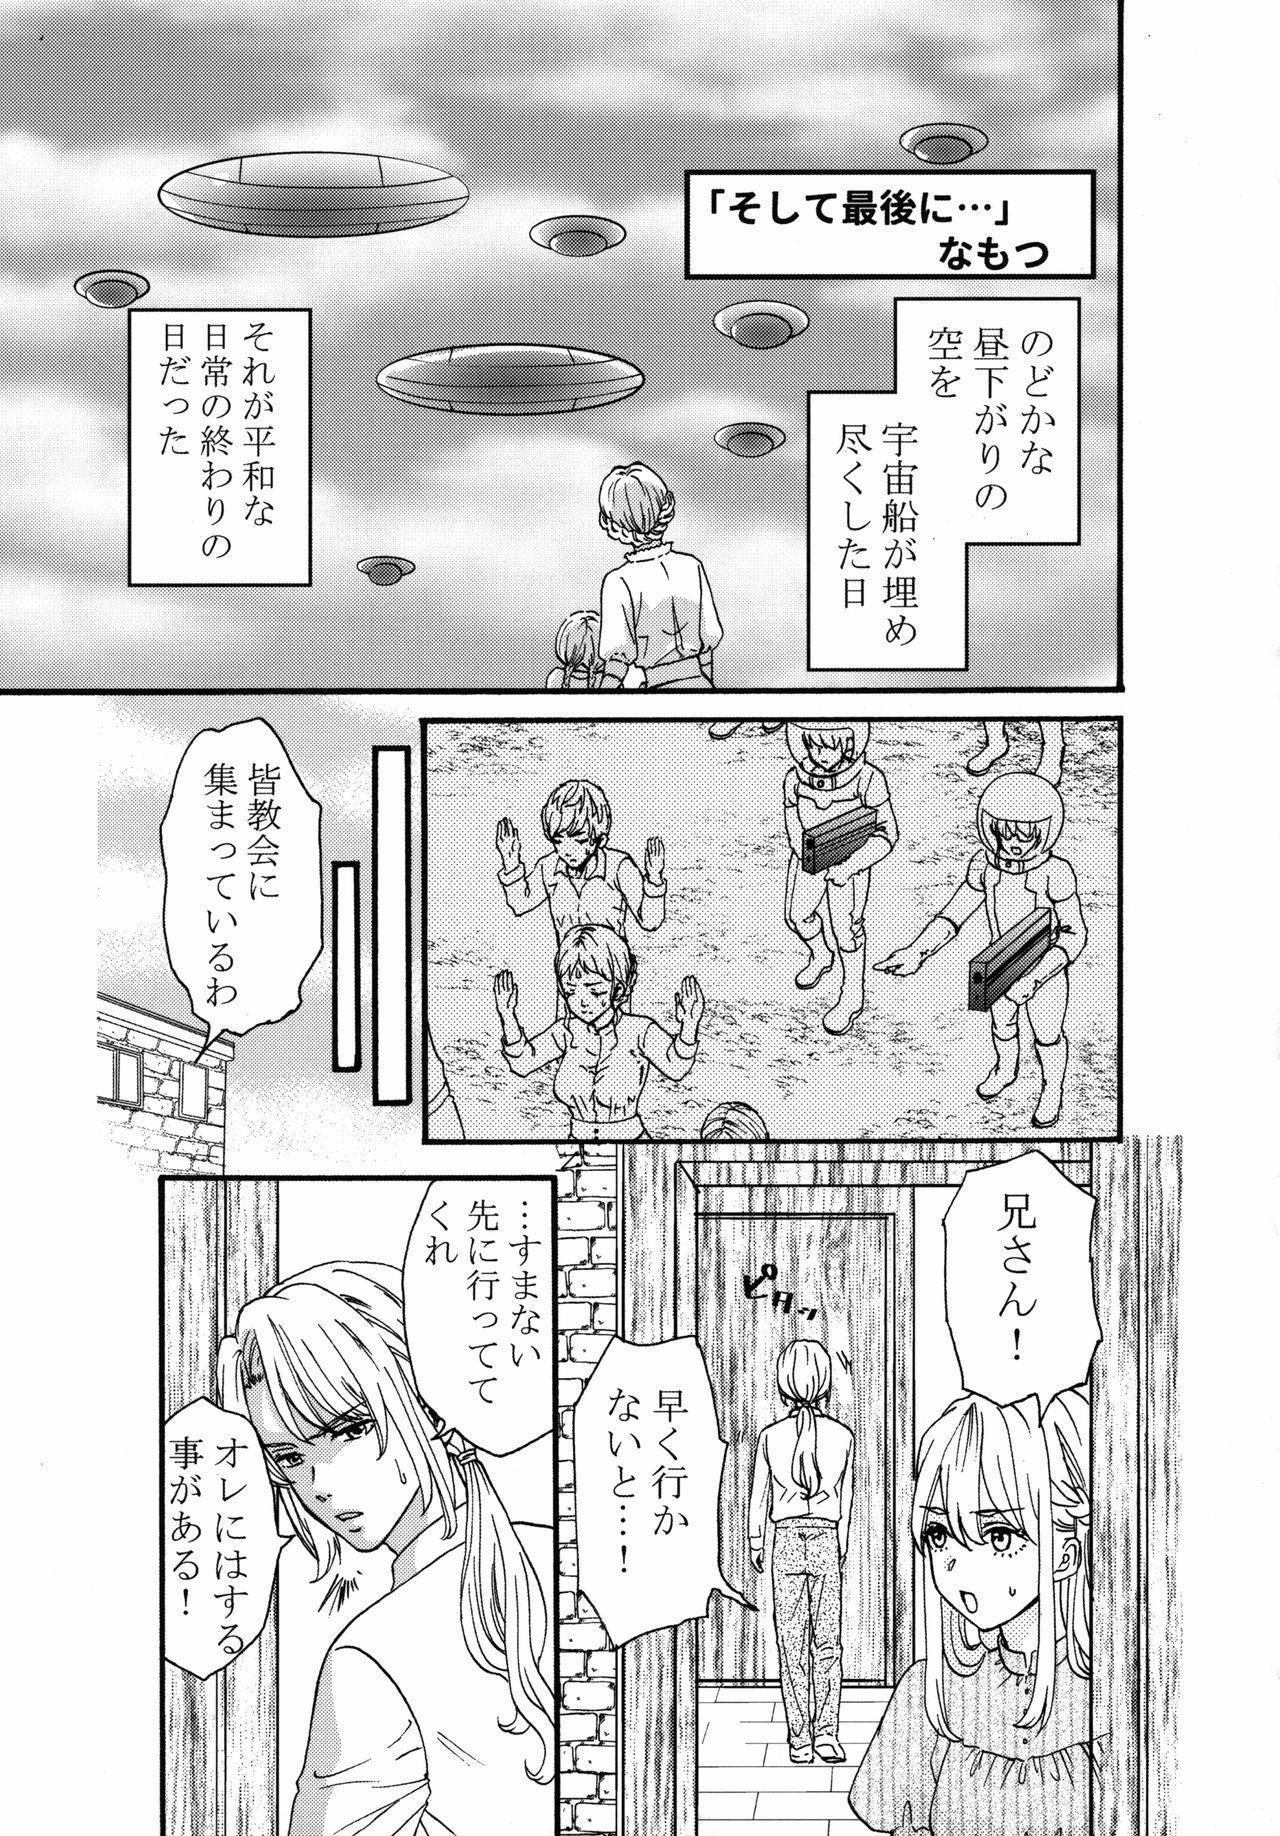 Uchuujin x Kyojo / Size-sa Goudoushi Reiwagou 71